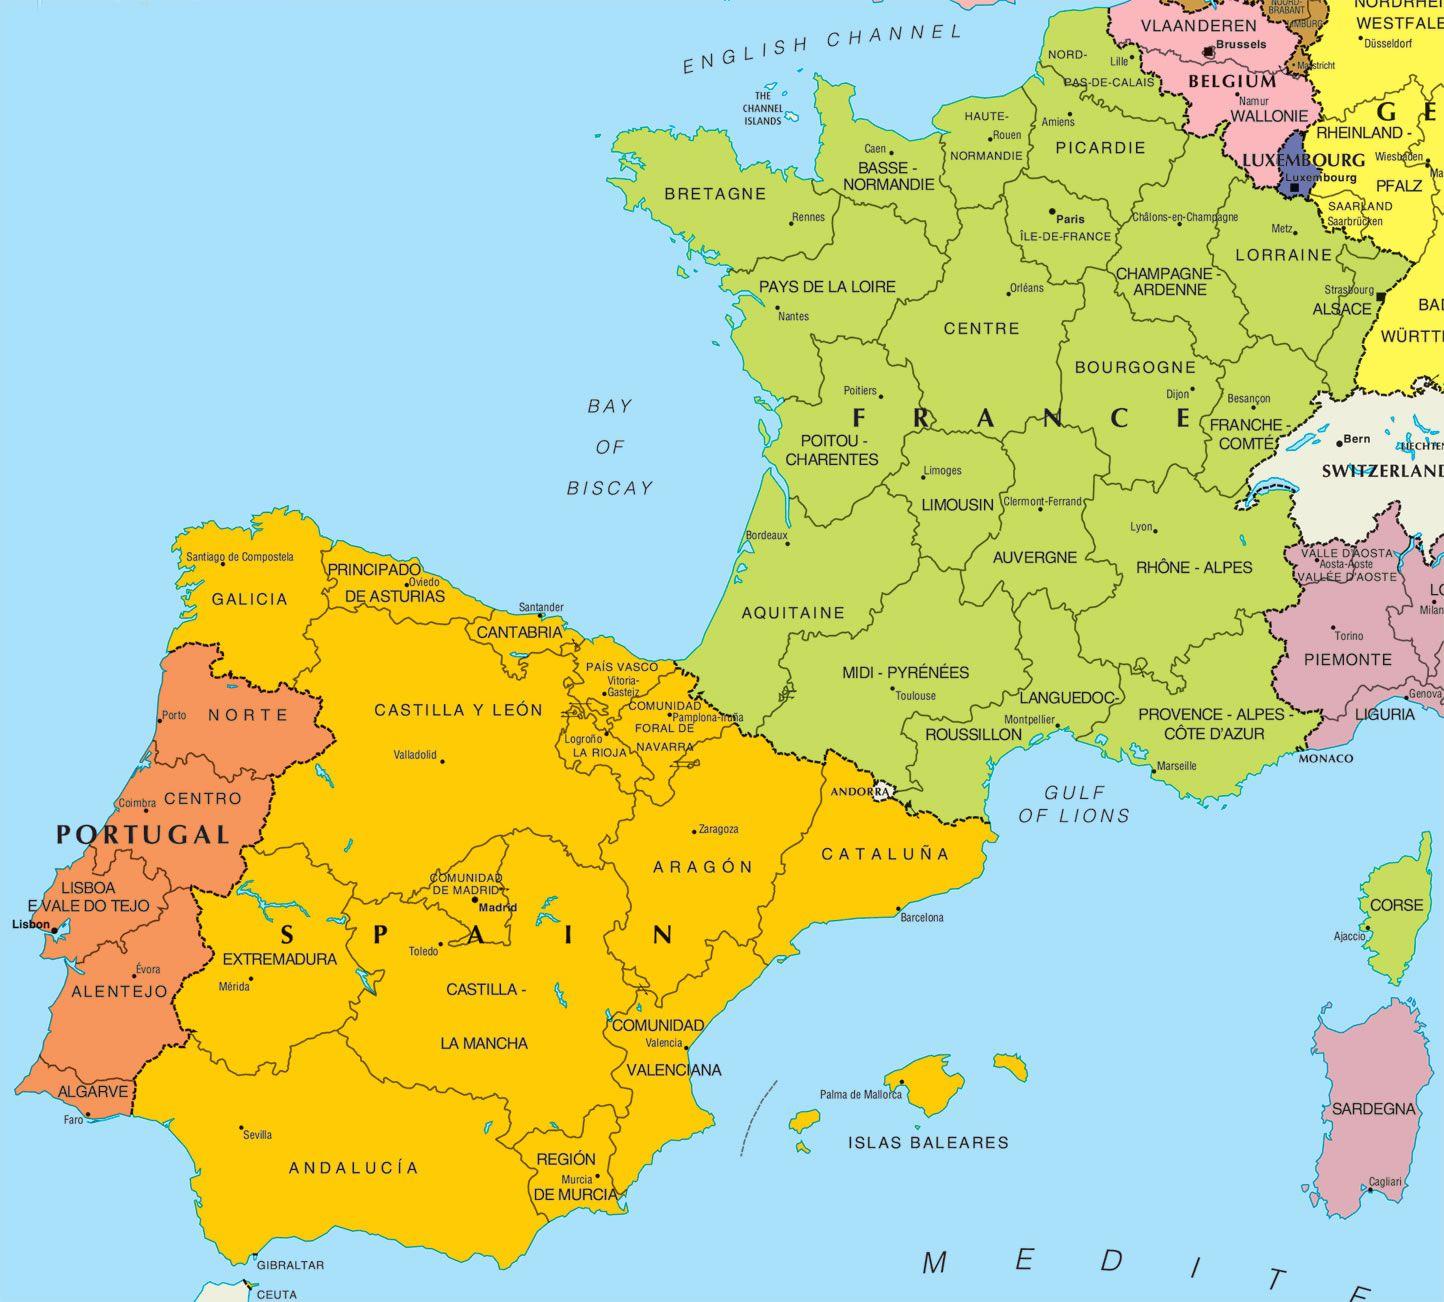 carte france et espagne Carte France Espagne Vierge | tonaartsenfotografie (avec images